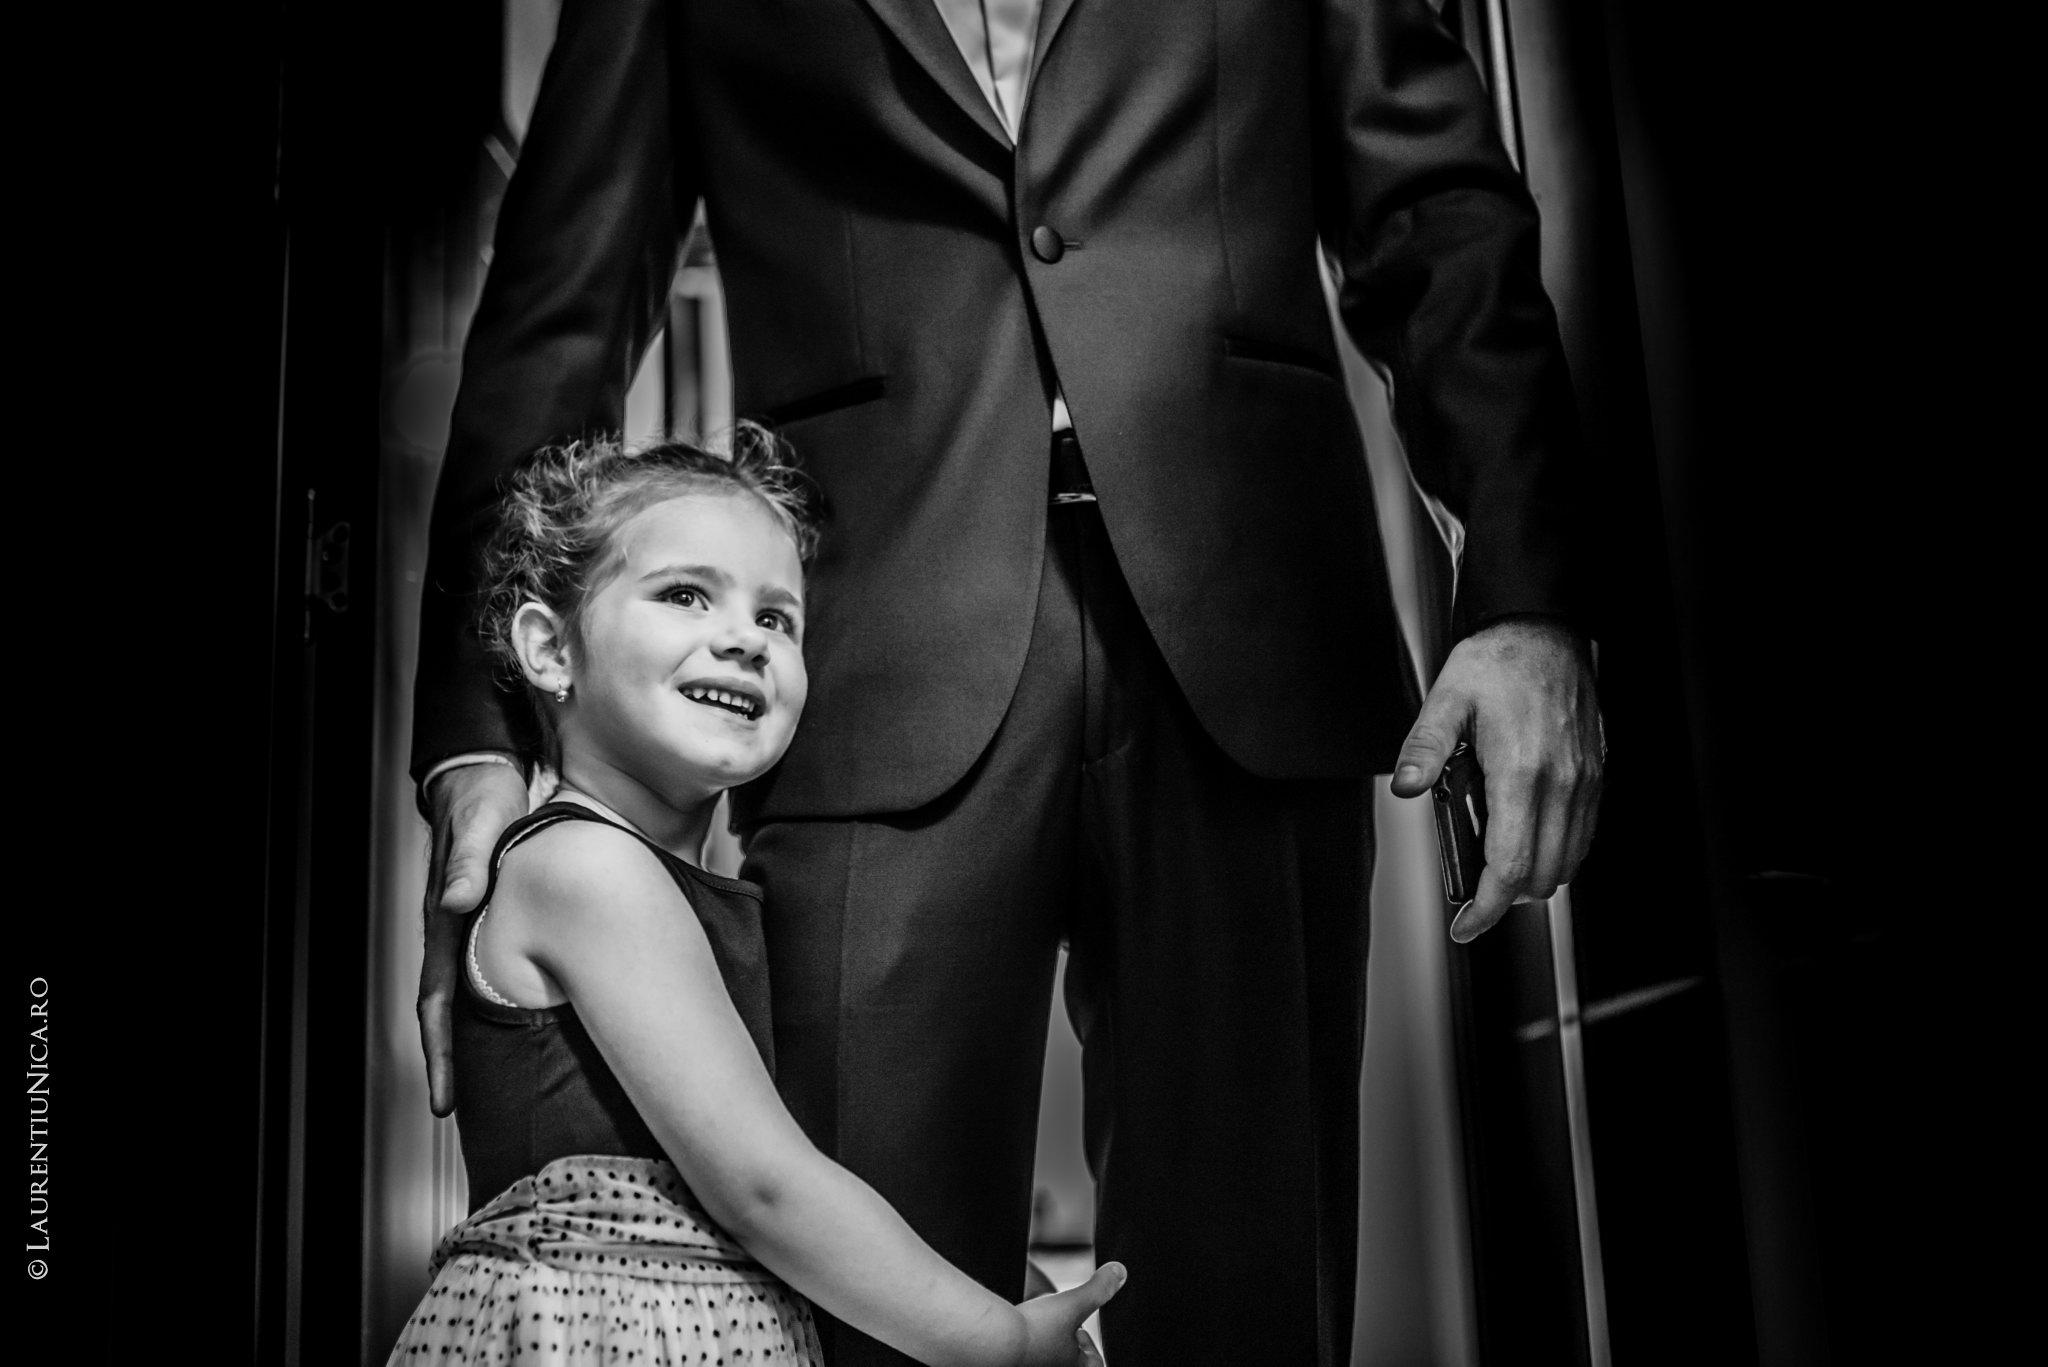 fotografii nunta denisa si florin craiova 02 - Denisa & Florin | Fotografii nunta | Craiova